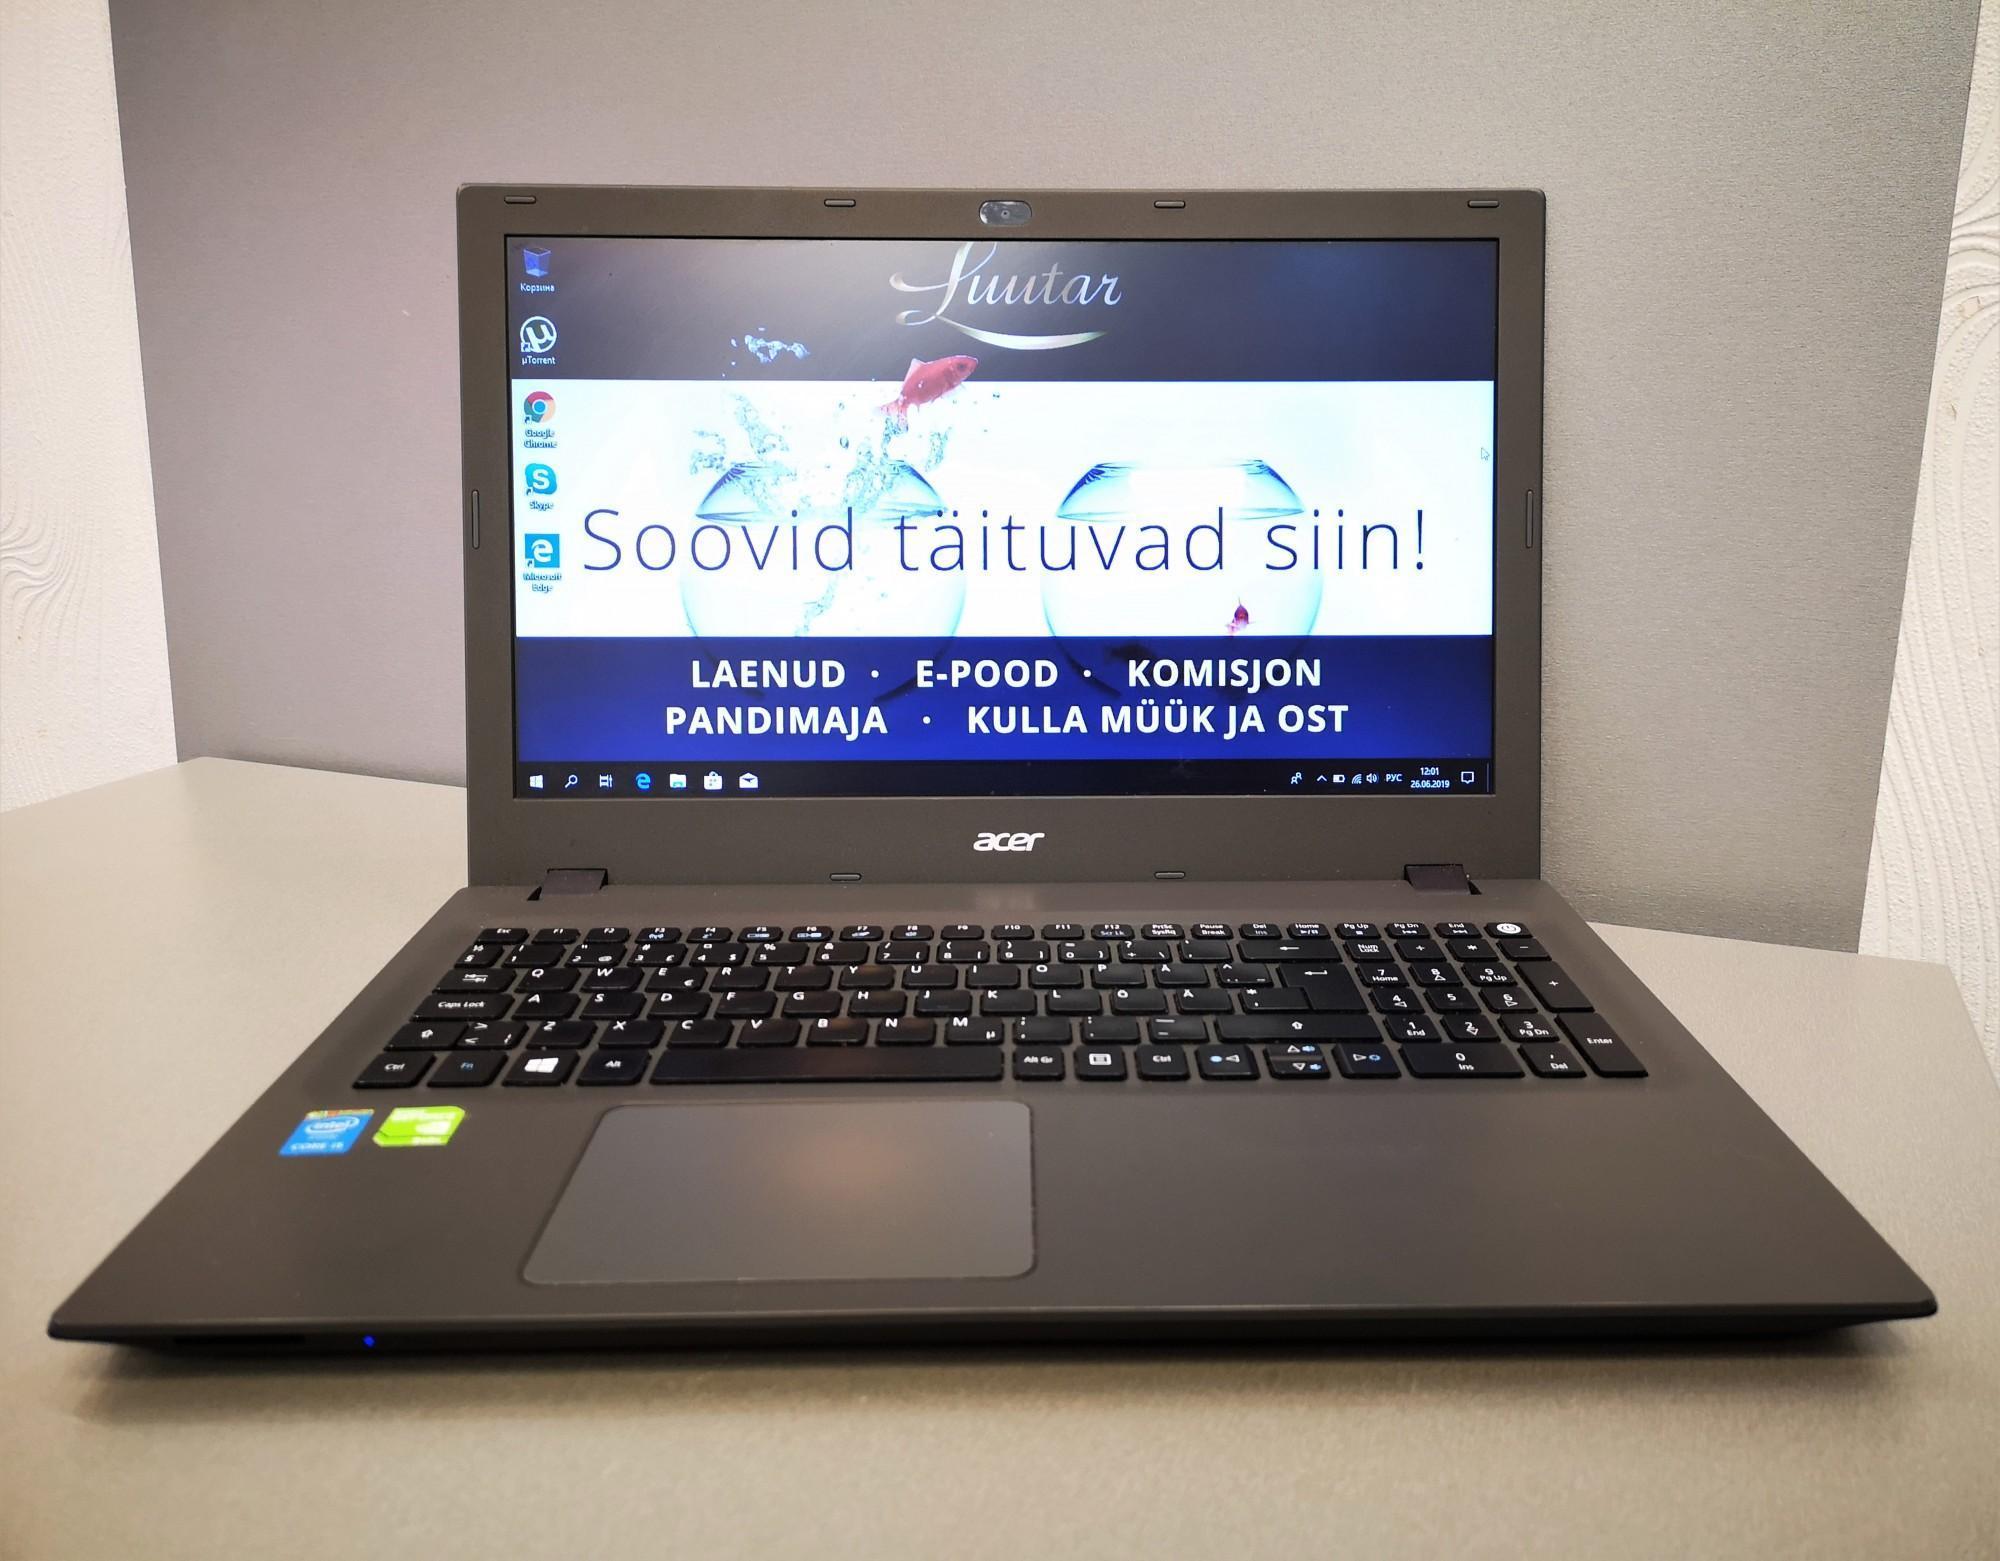 ba5beca70c0 Sülearvutid Acer E5-573G-50W8 - Luutar